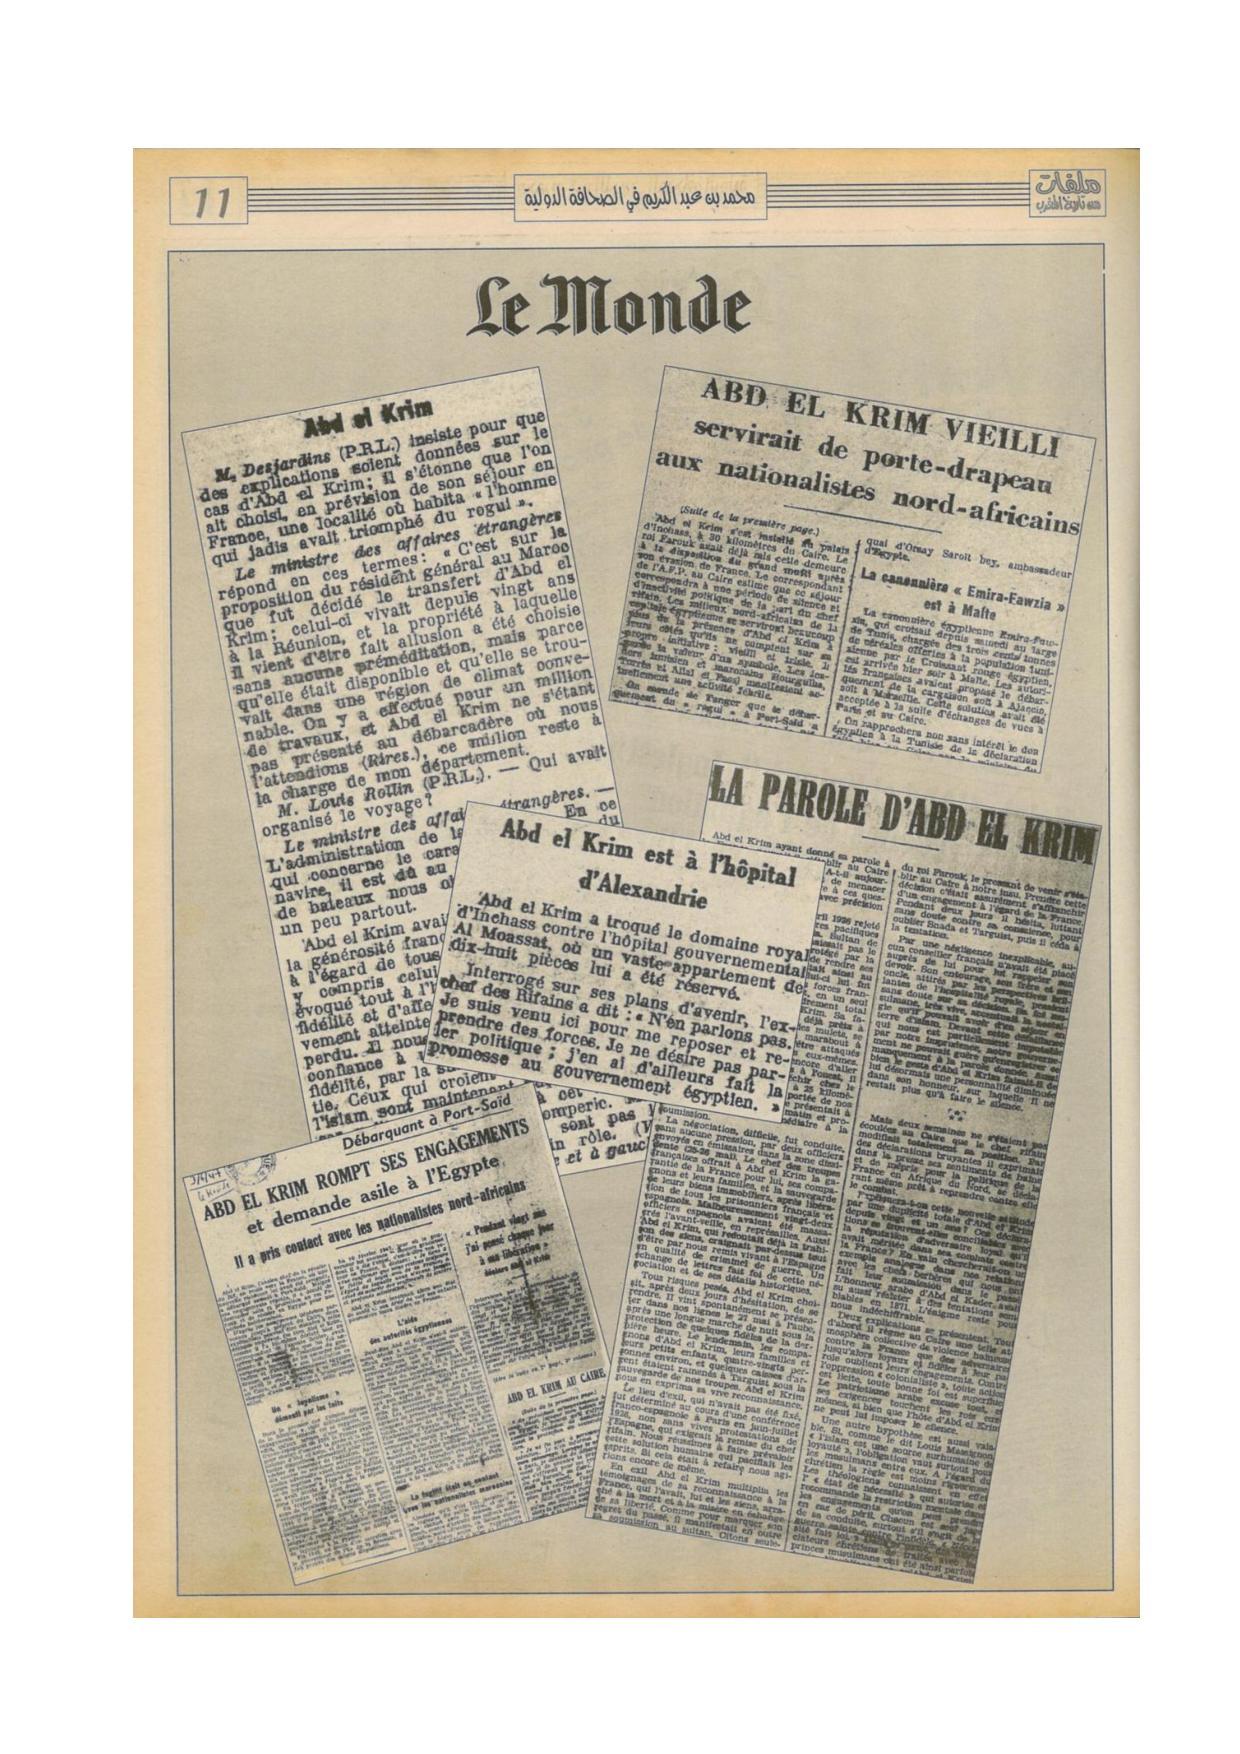 Dossiers de l histoire du Maroc n°01 Juin 1996-page-031.jpg